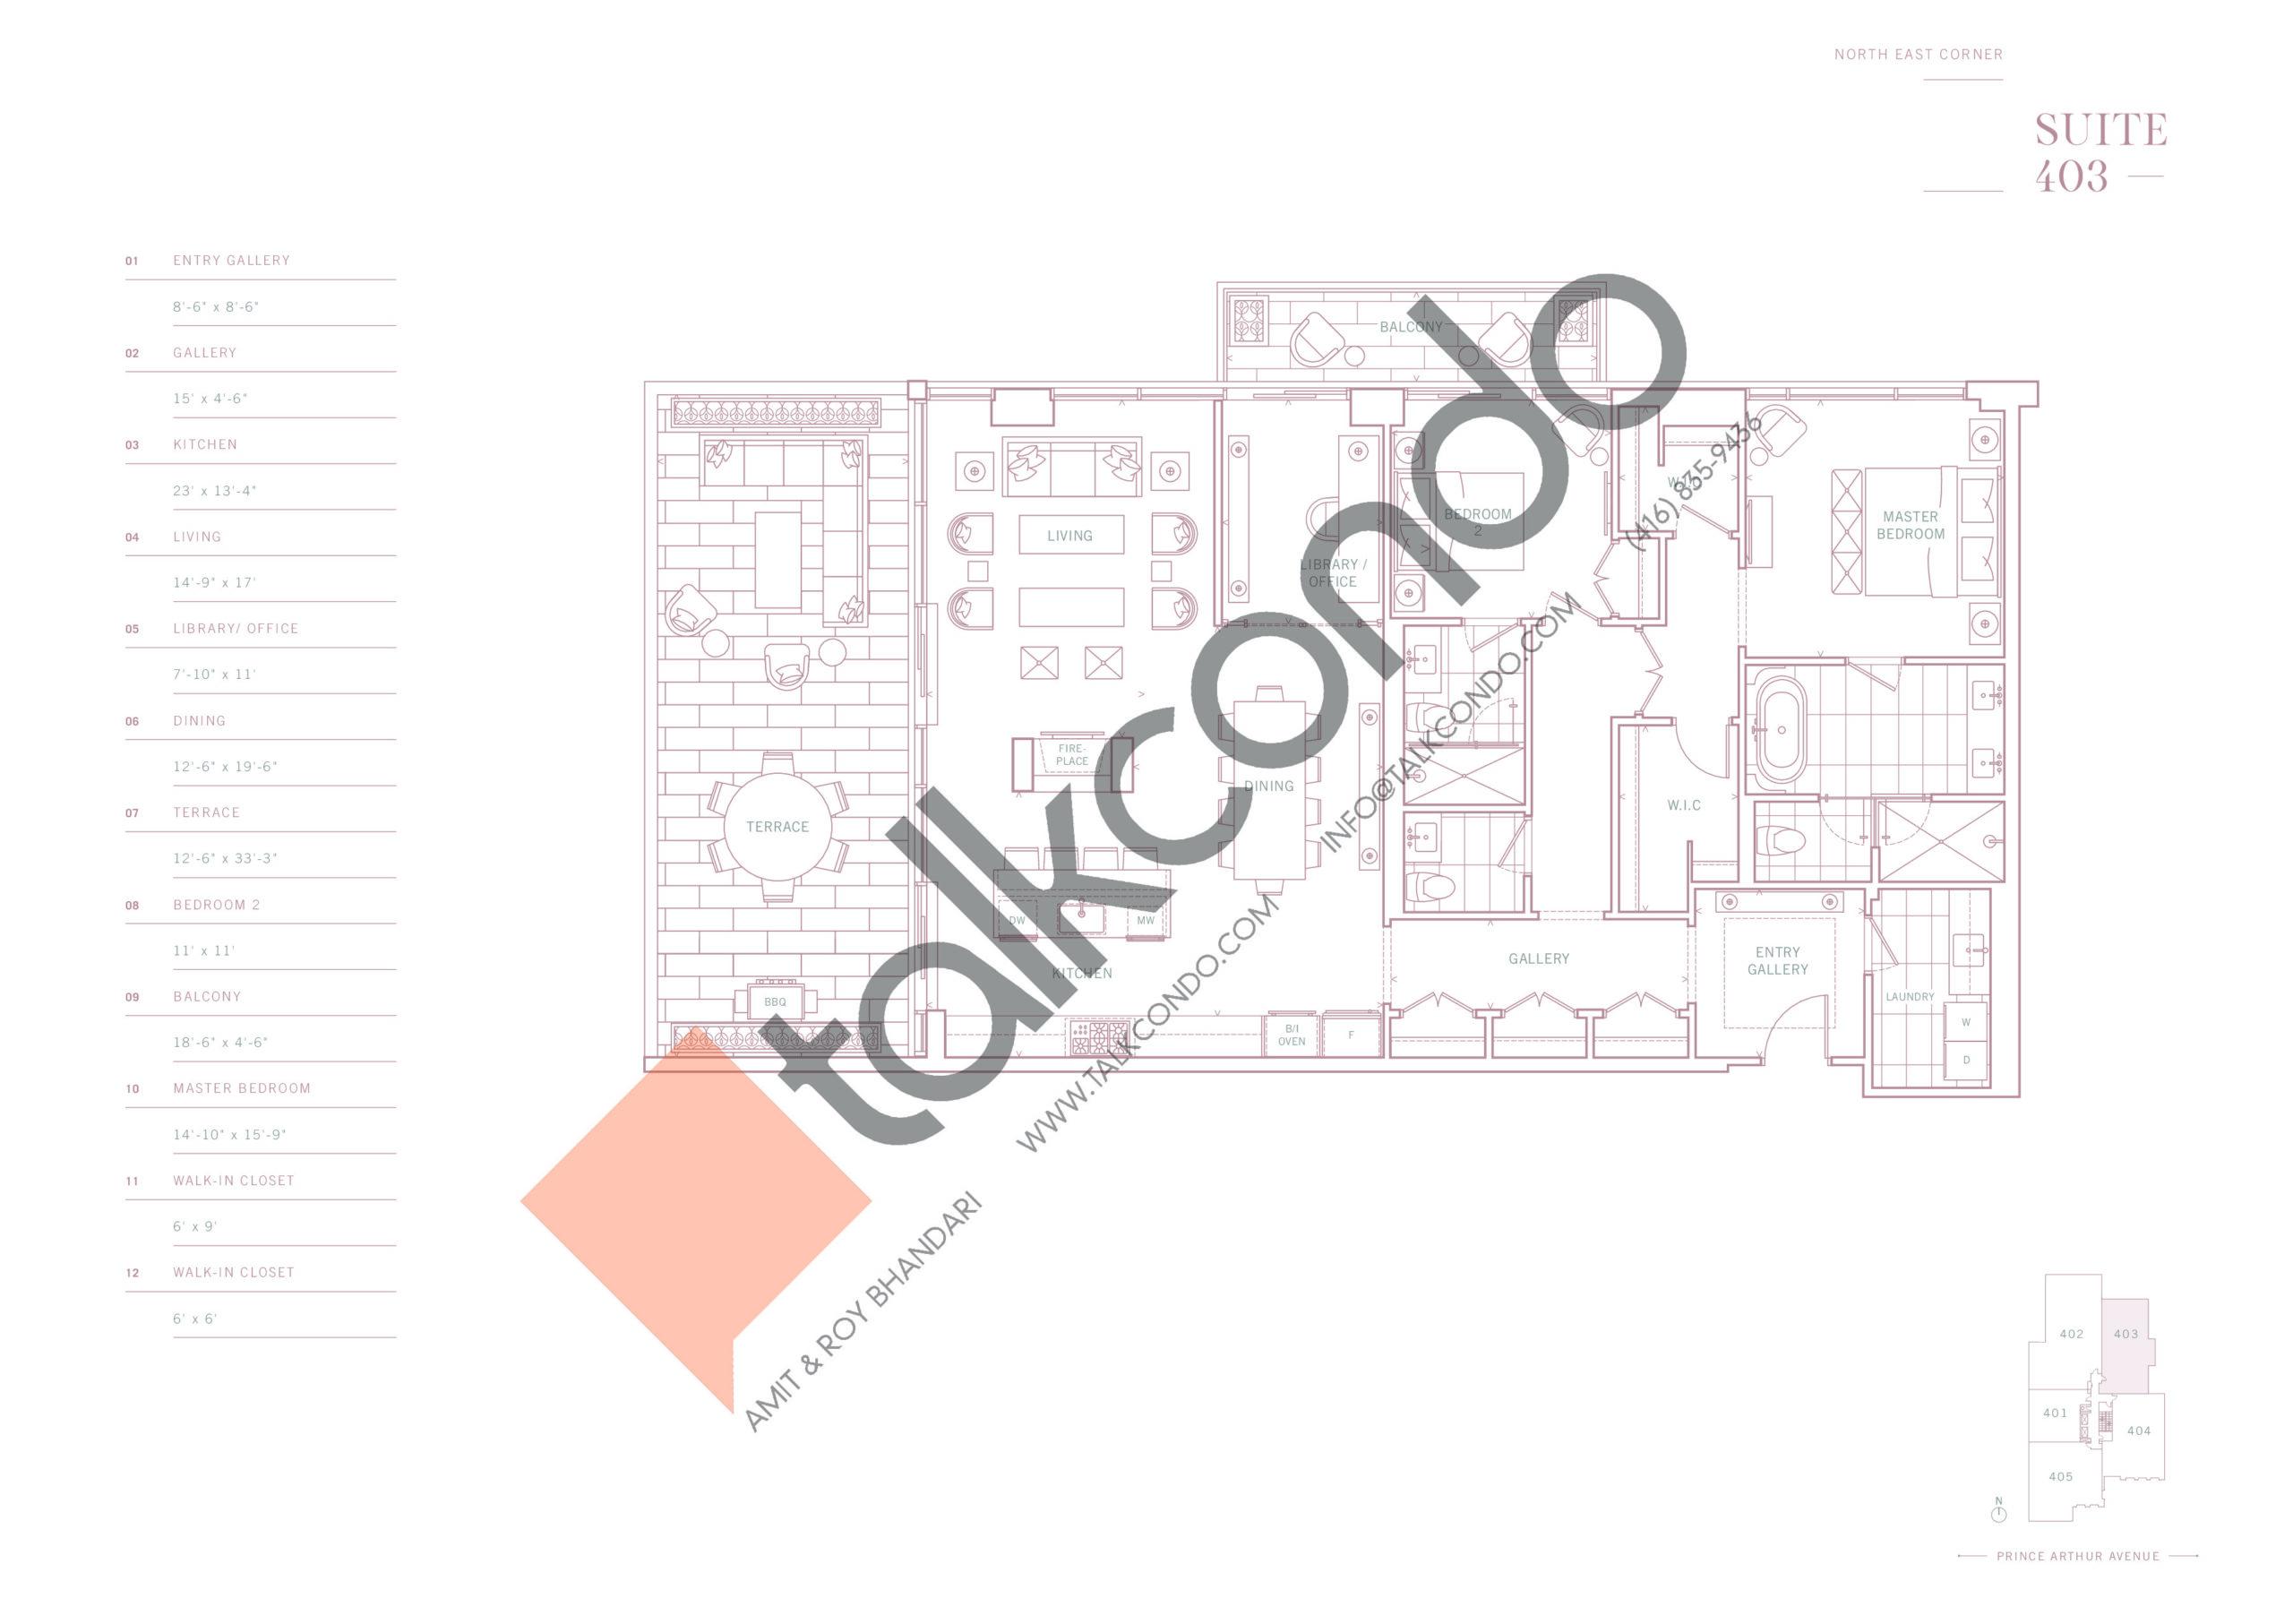 Suite 403 Floor Plan at 10 Prince Arthur Condos - 1926 sq.ft